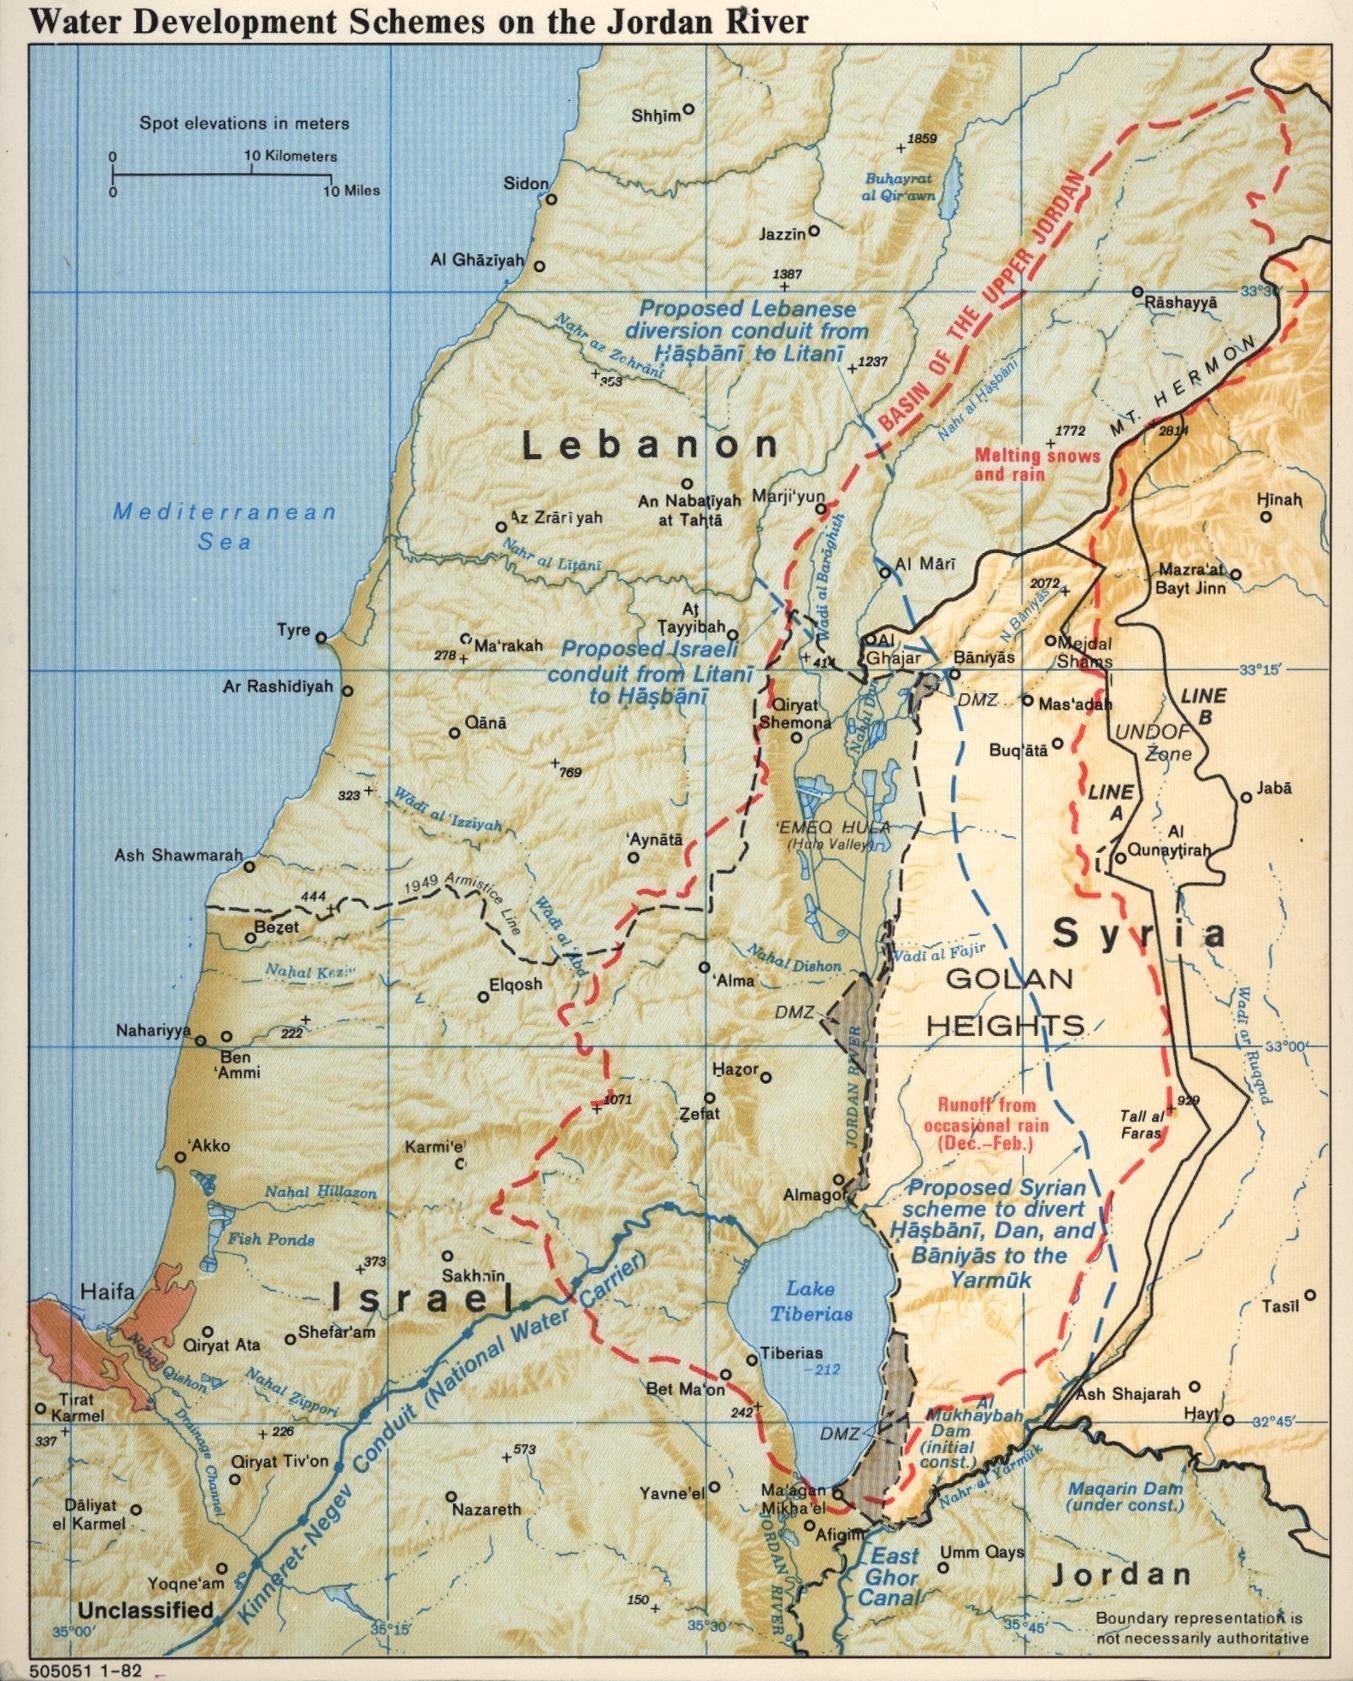 Les ressources aquatiques en Jordanie, 1982